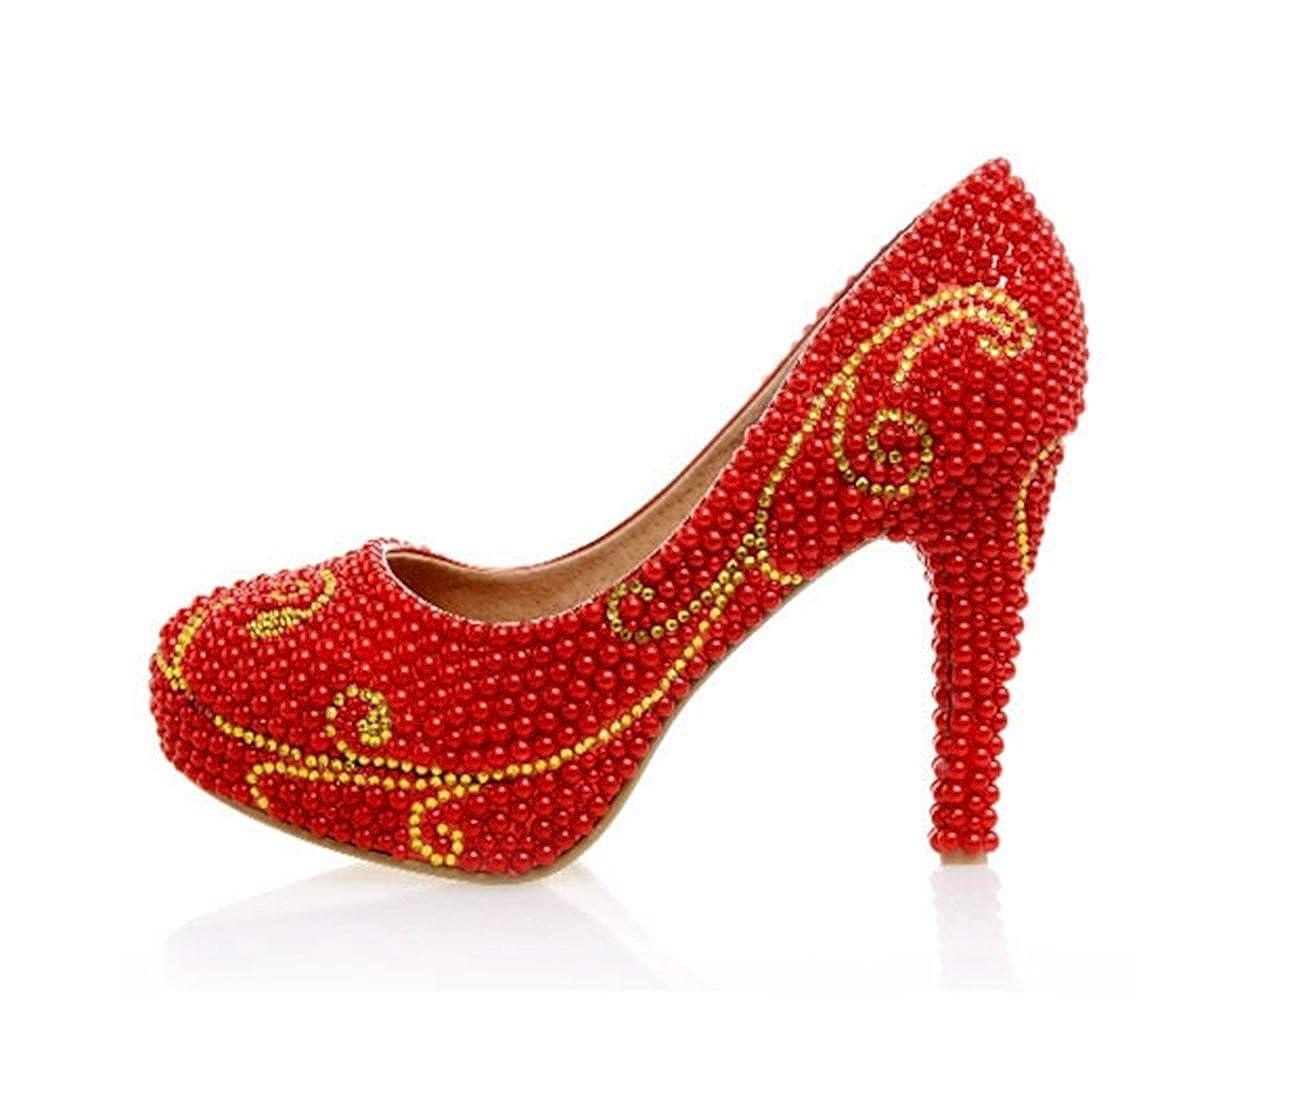 人気満点 [Minishion] レディース B0754X9R66 8.5 B(M) 8.5 B(M) US|Red-10cm Heel Red-10cm Heel Heel 8.5 B(M) US, JA道北なよろ:27c92bb3 --- a0267596.xsph.ru